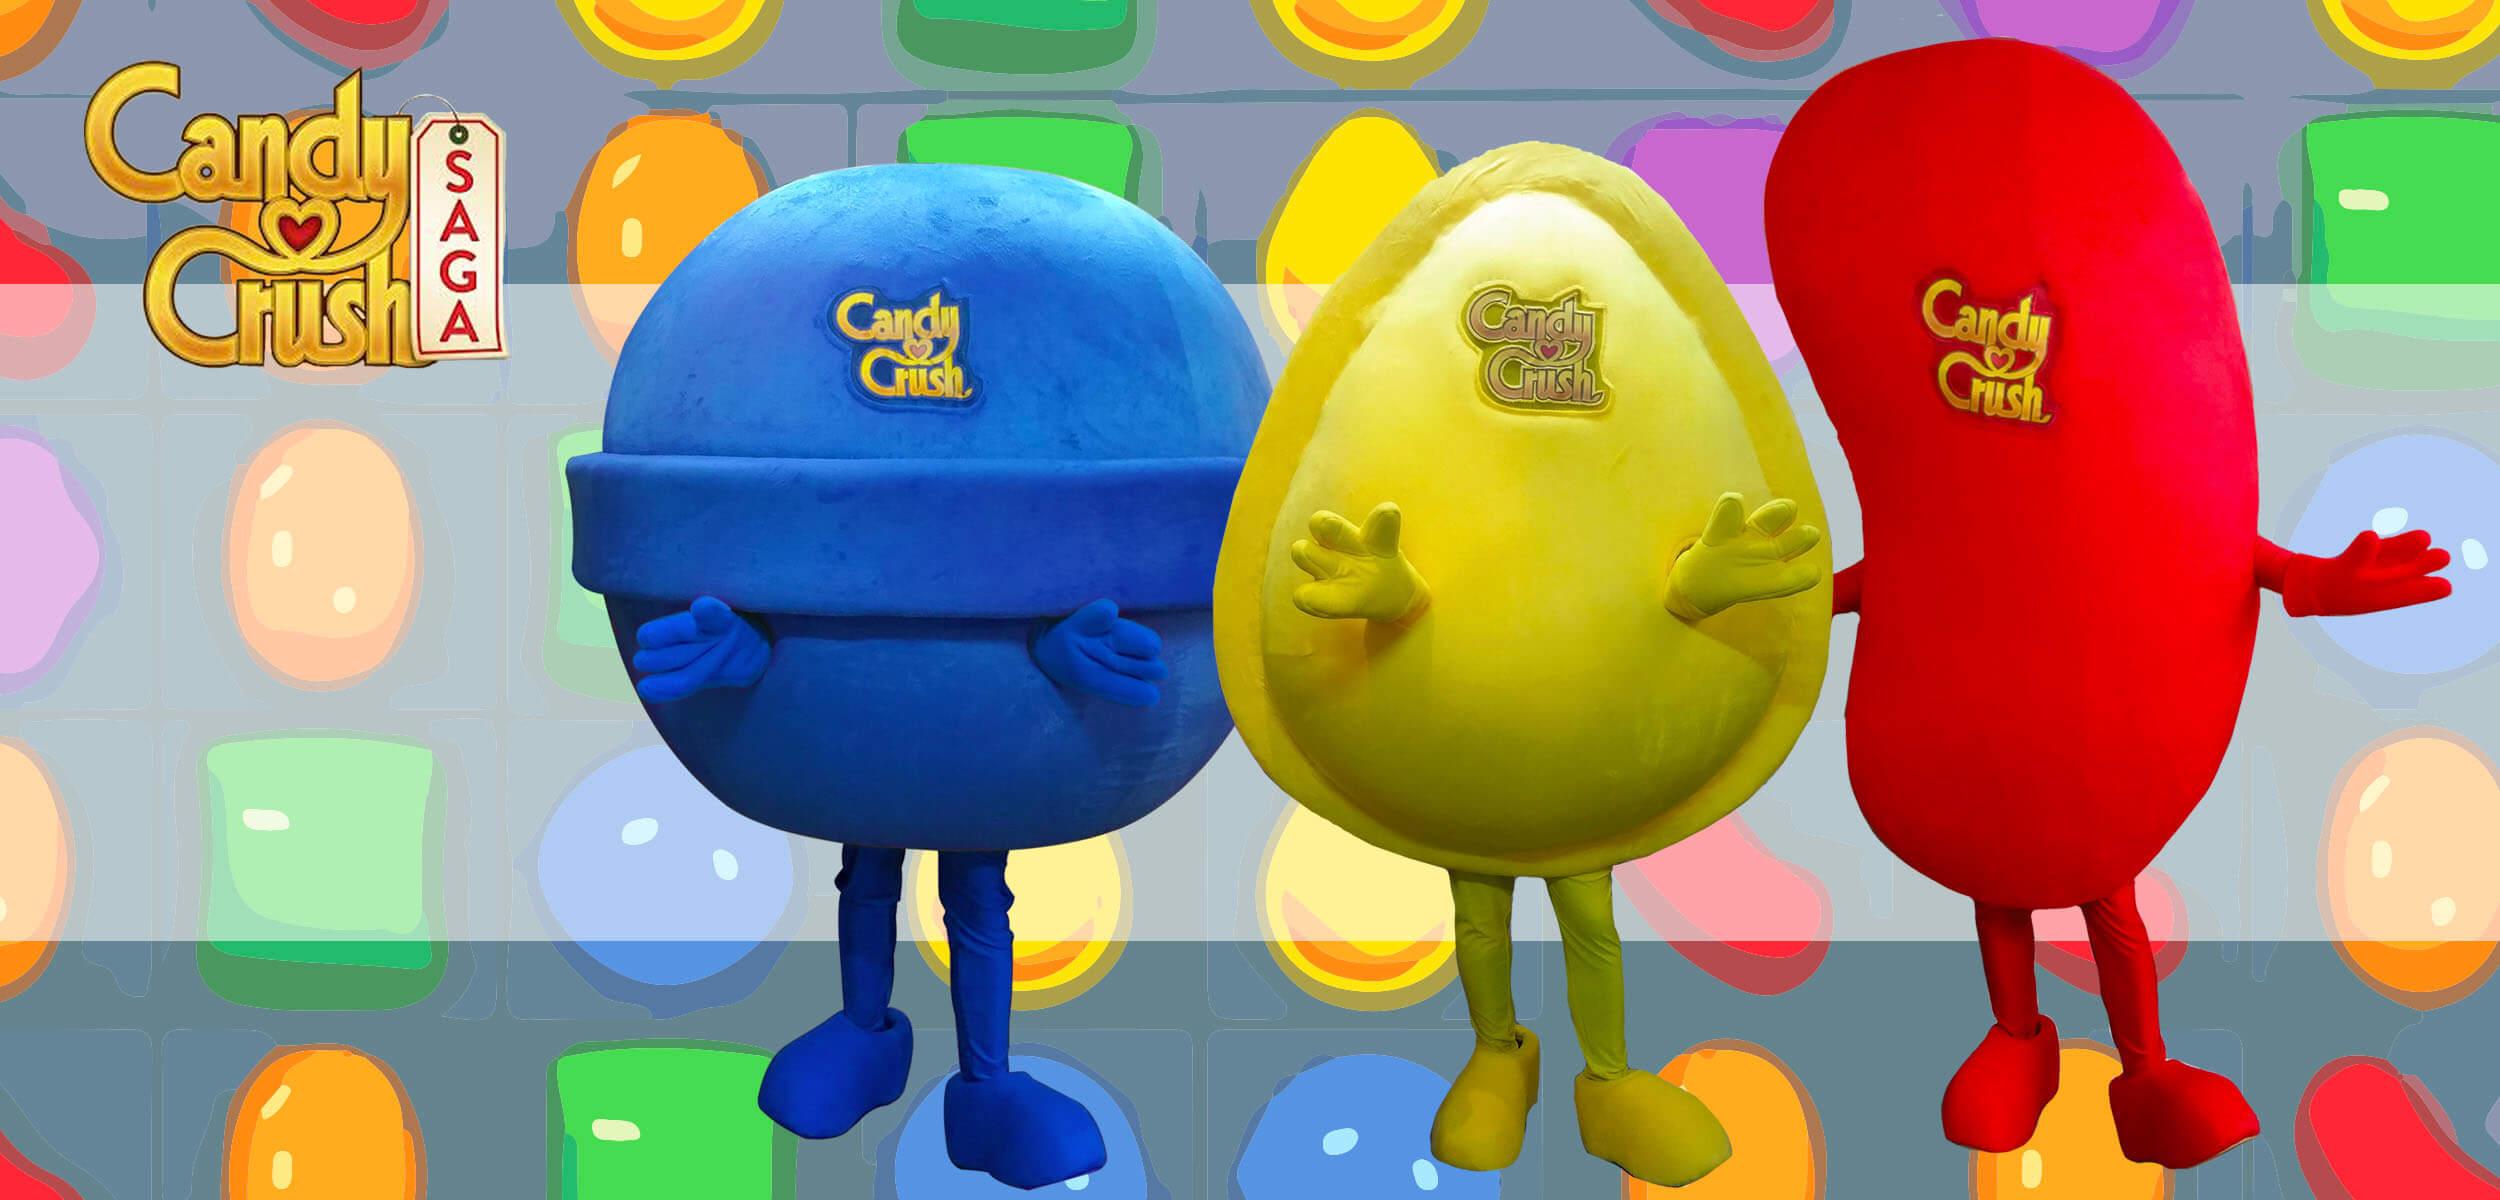 candy crush Mascot